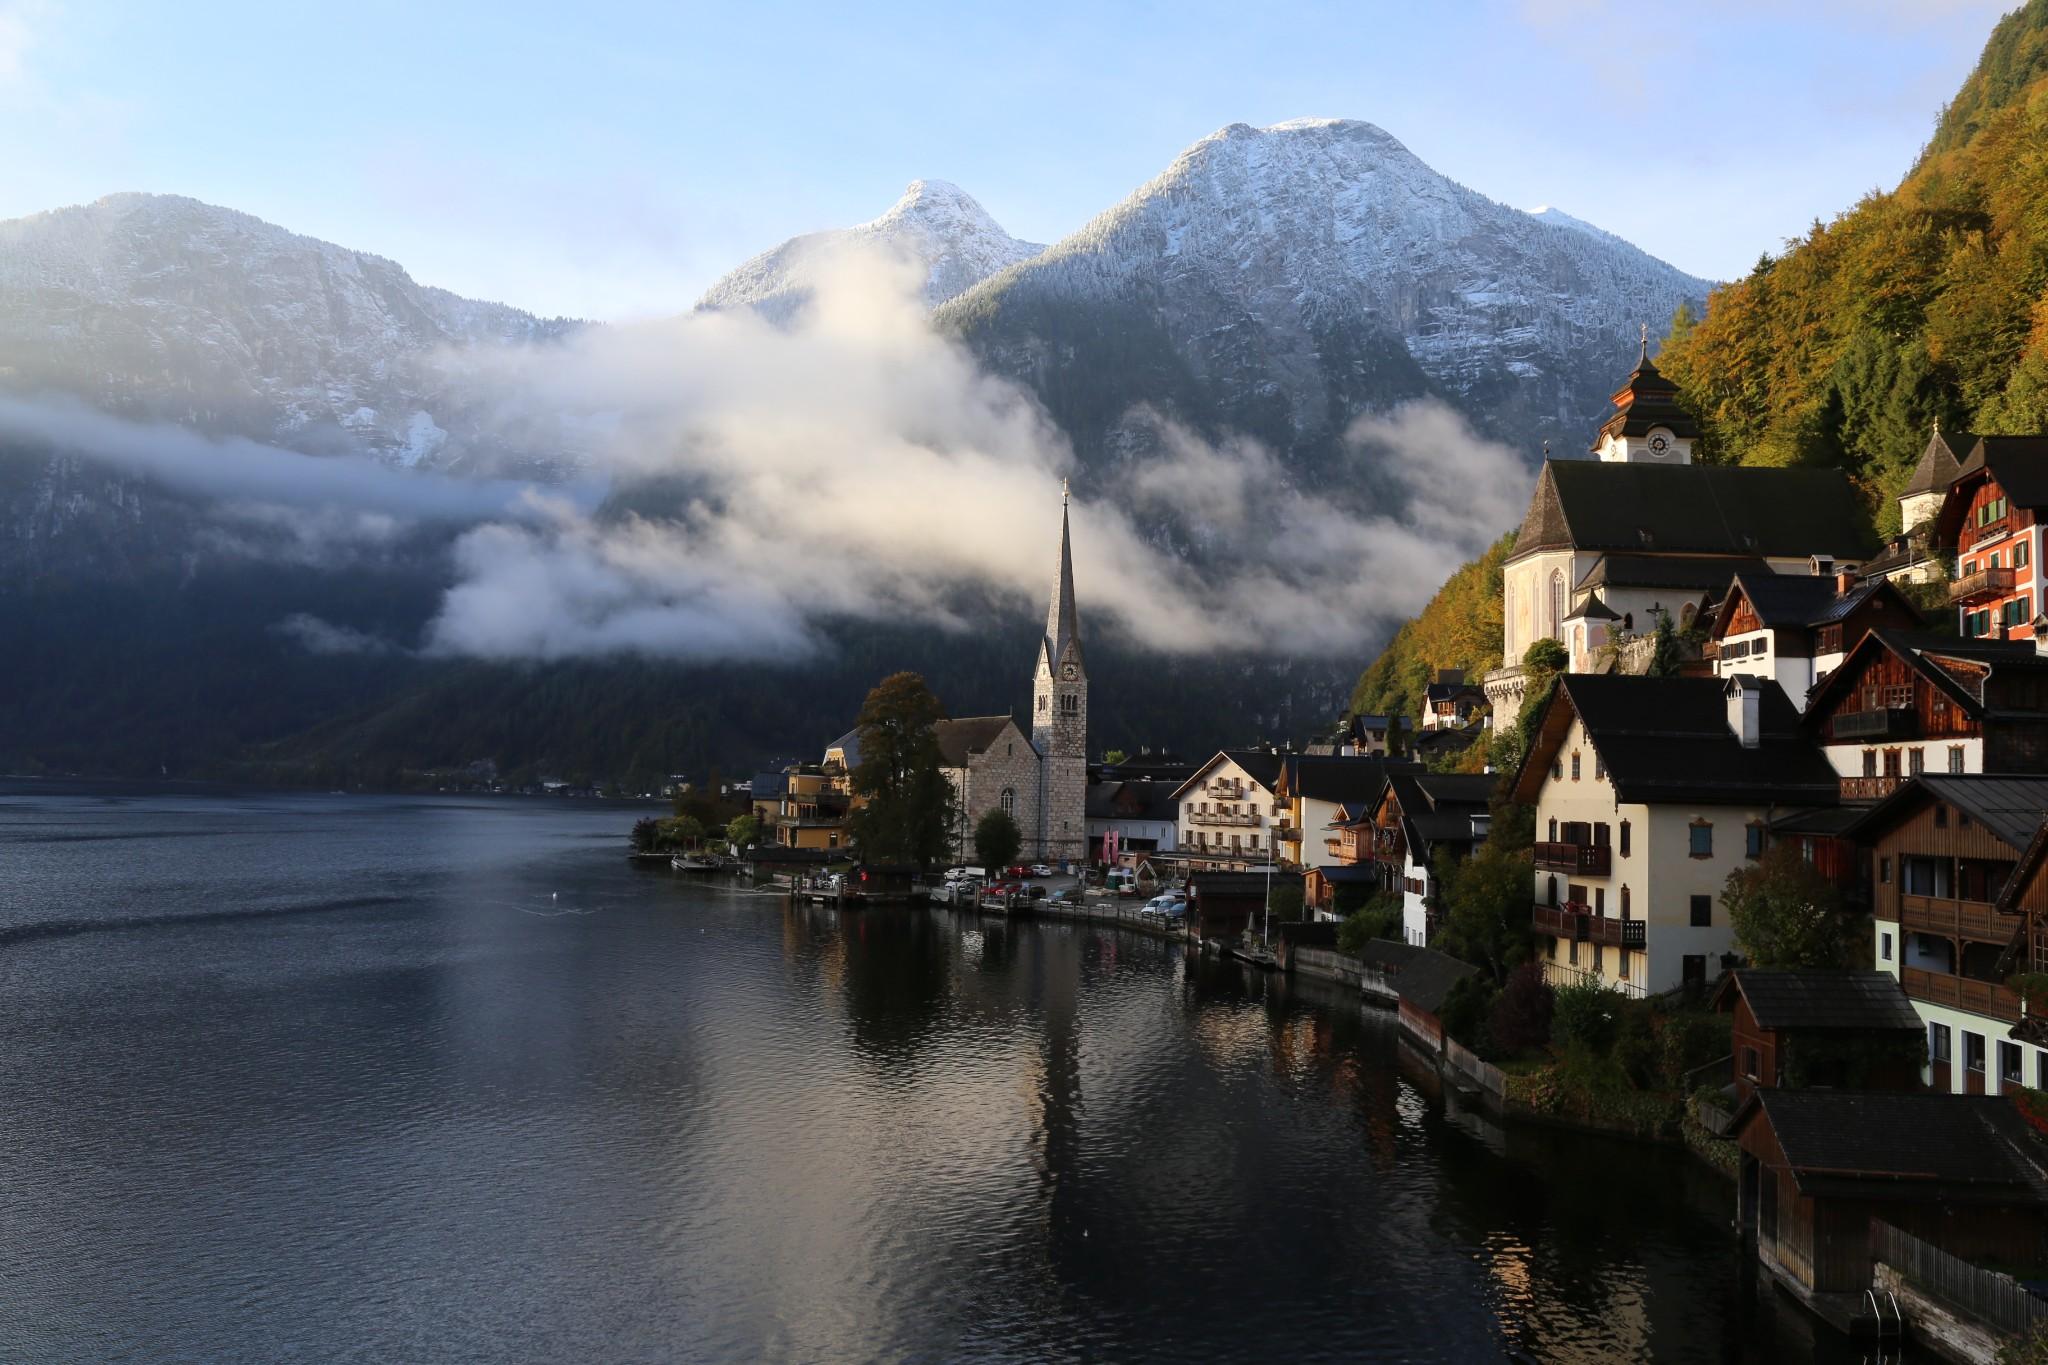 2016年在路上--金秋十月欧洲漫游十六天之奥地利哈尔施塔特_游记